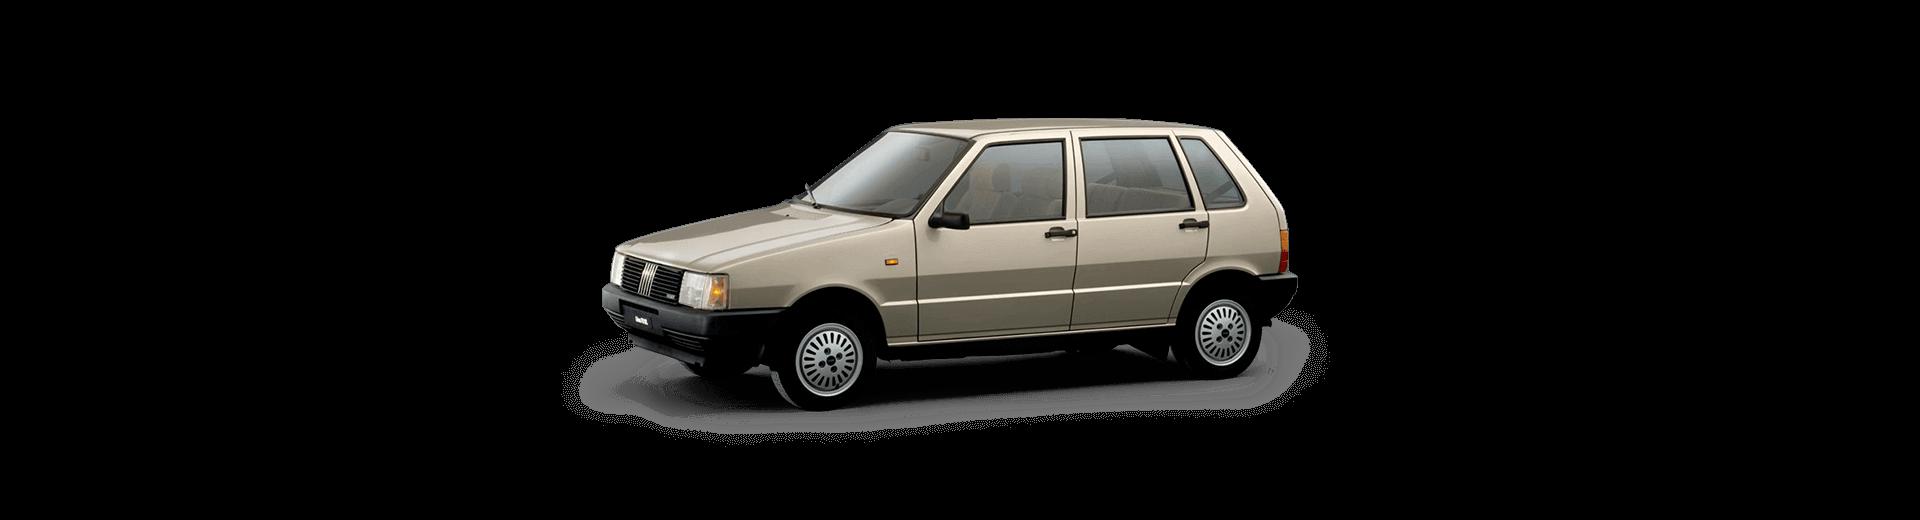 Genialny Nowe samochody - Oferta | Oficjalna strona marki Fiat PD31